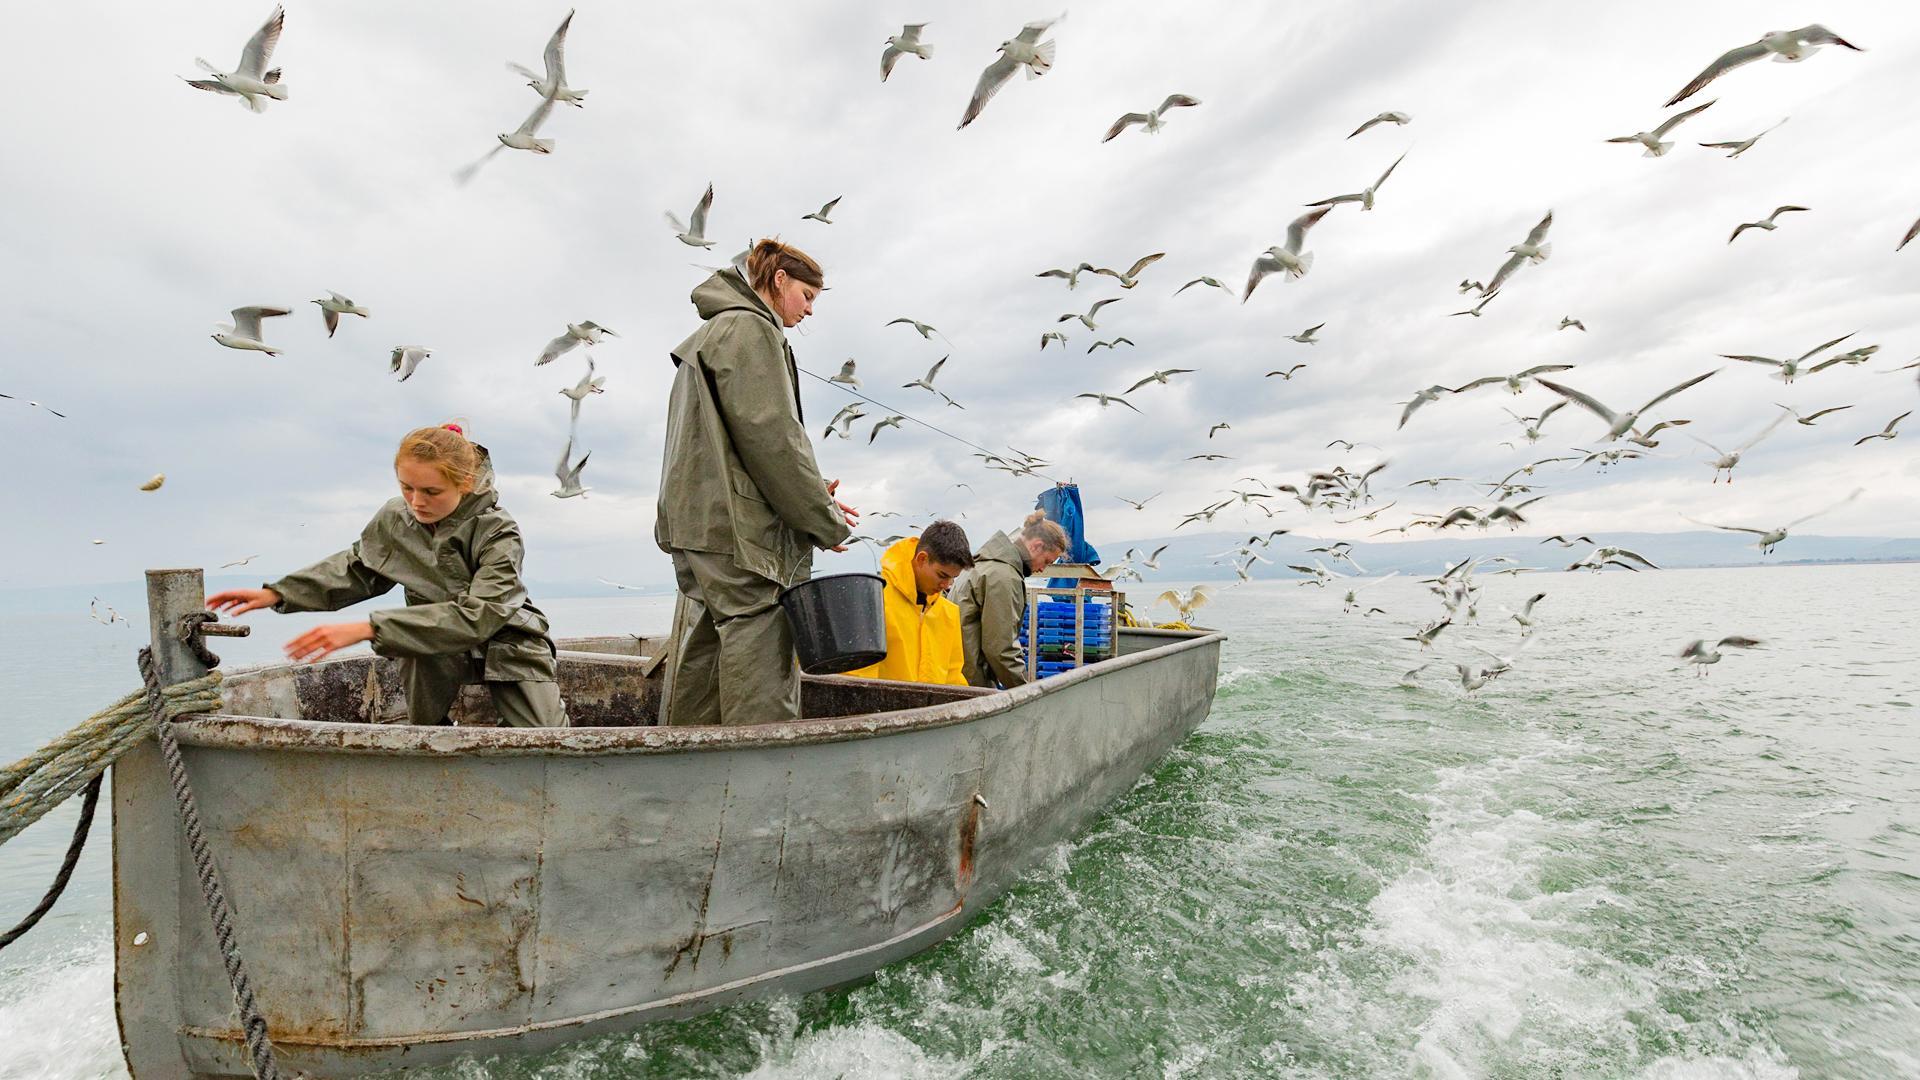 Fishing in Galilee